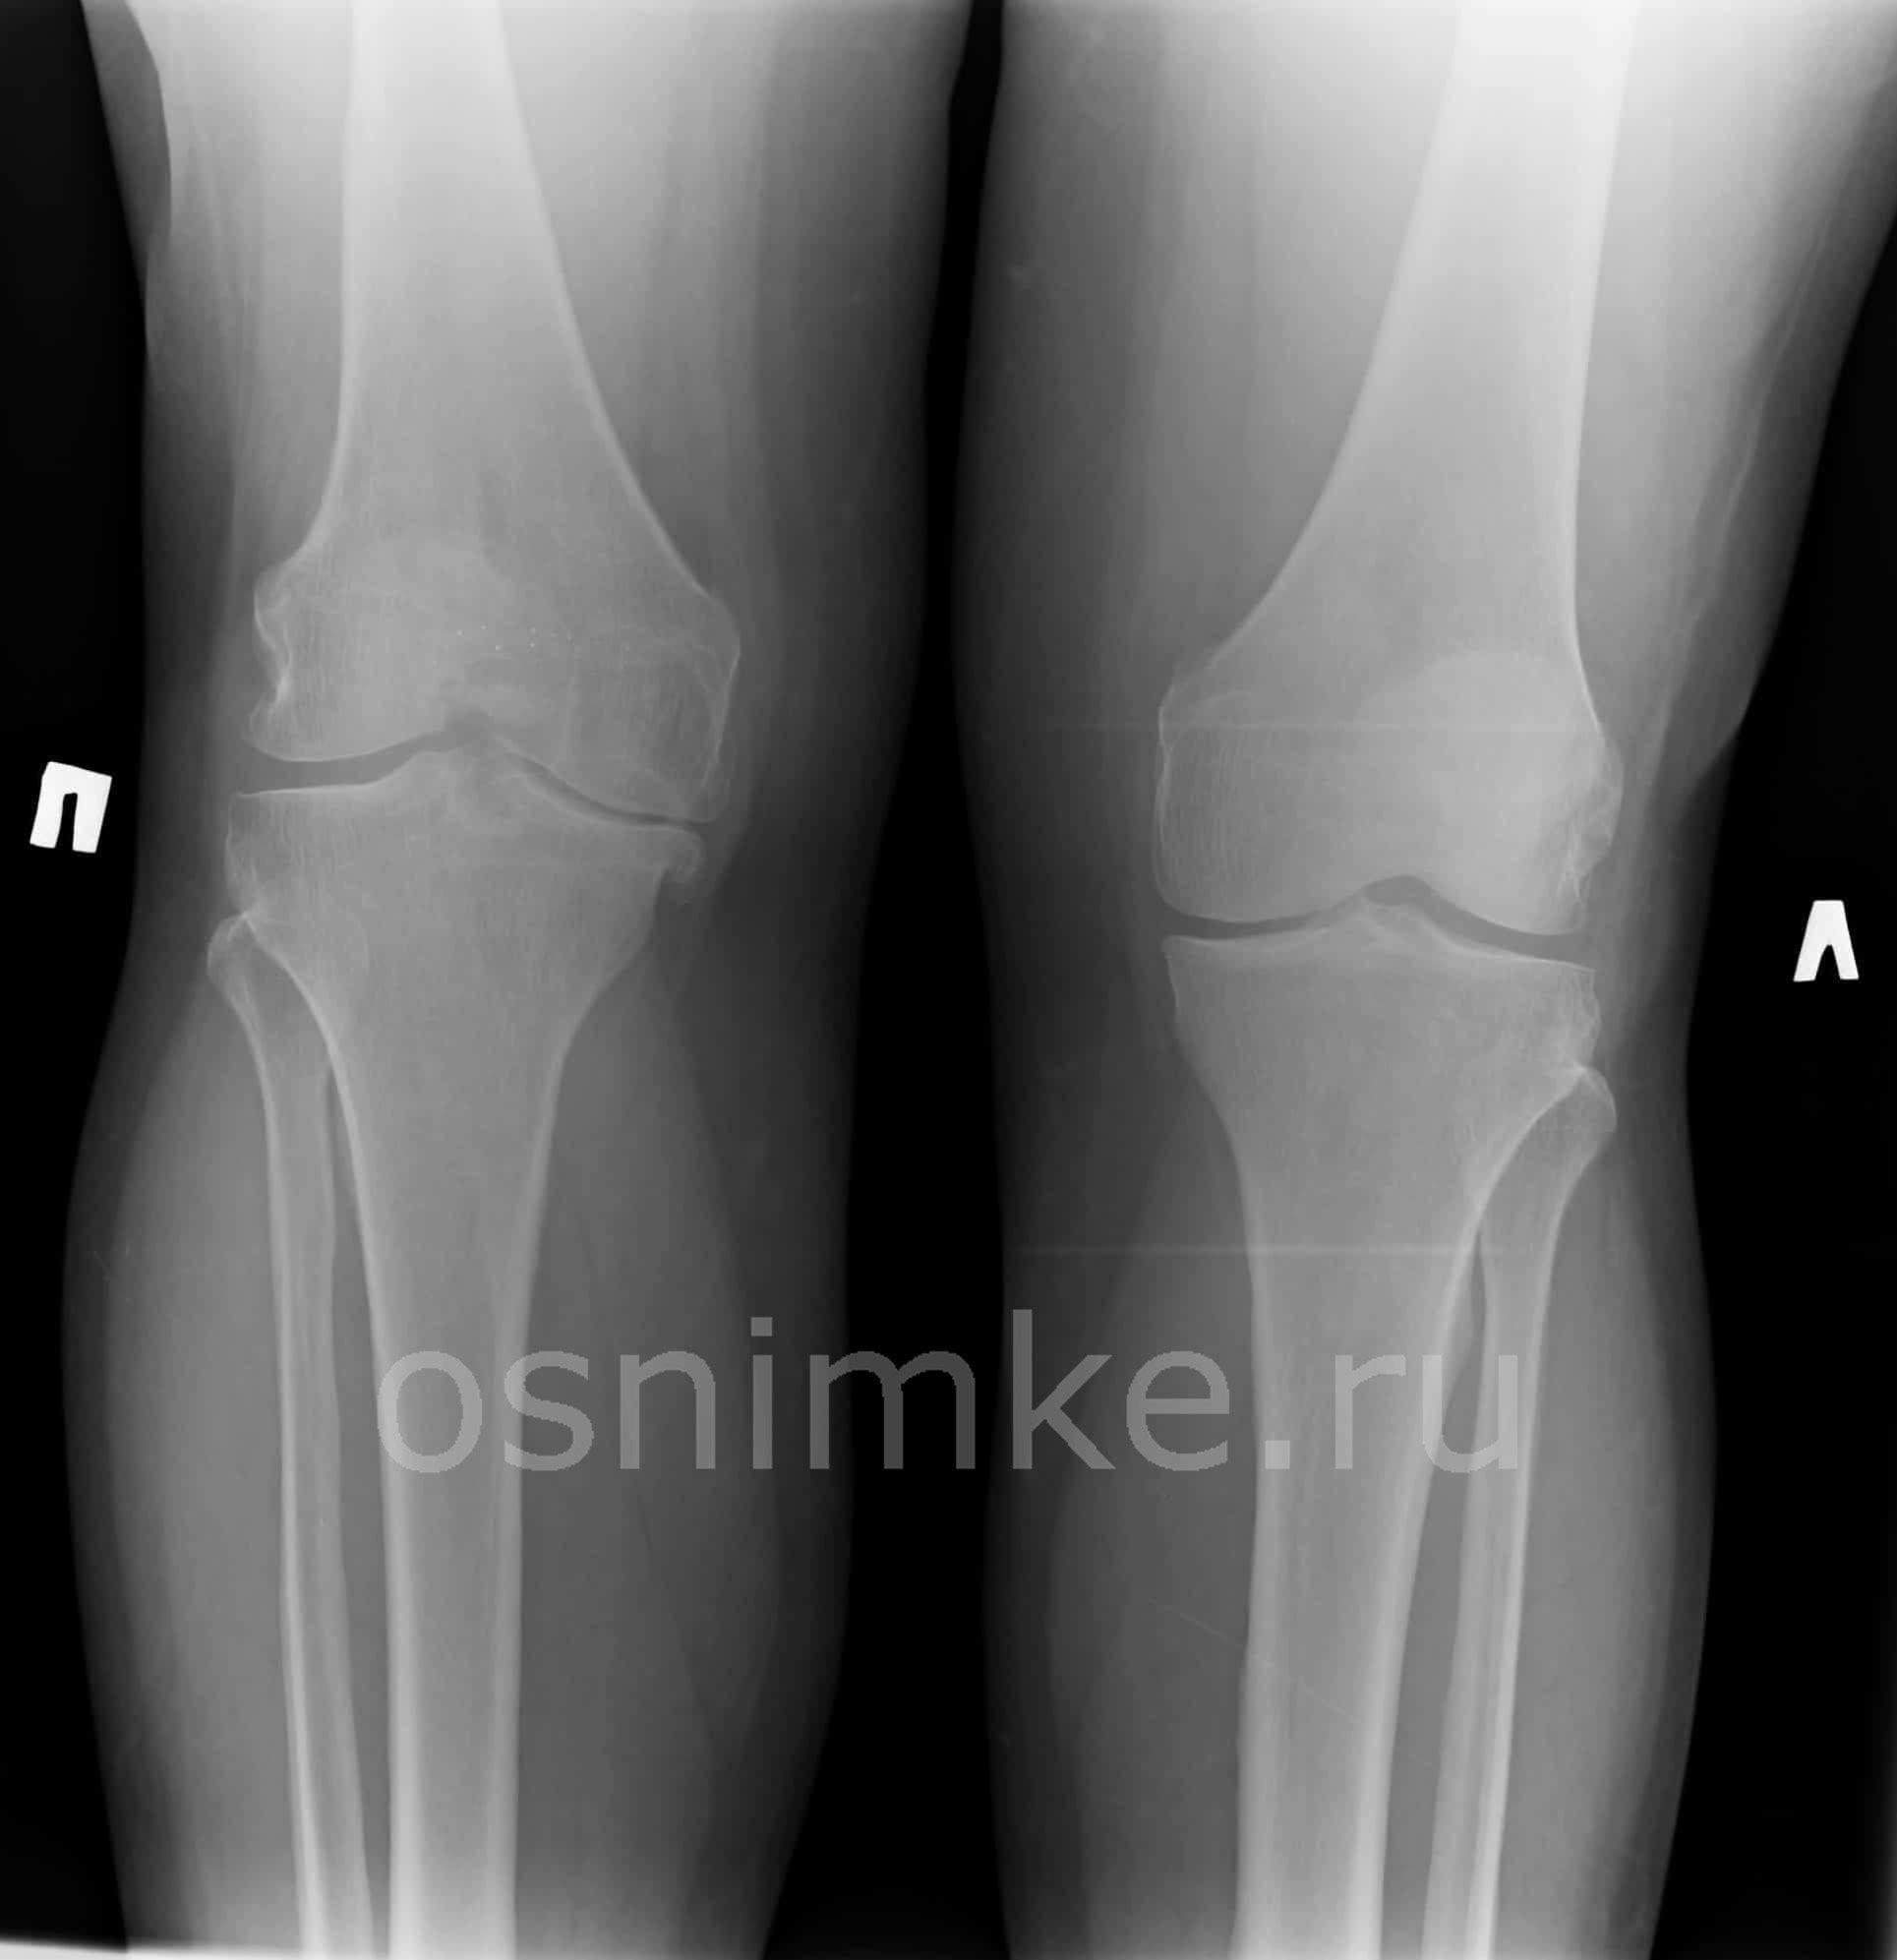 Артроз коленного сустава рентген